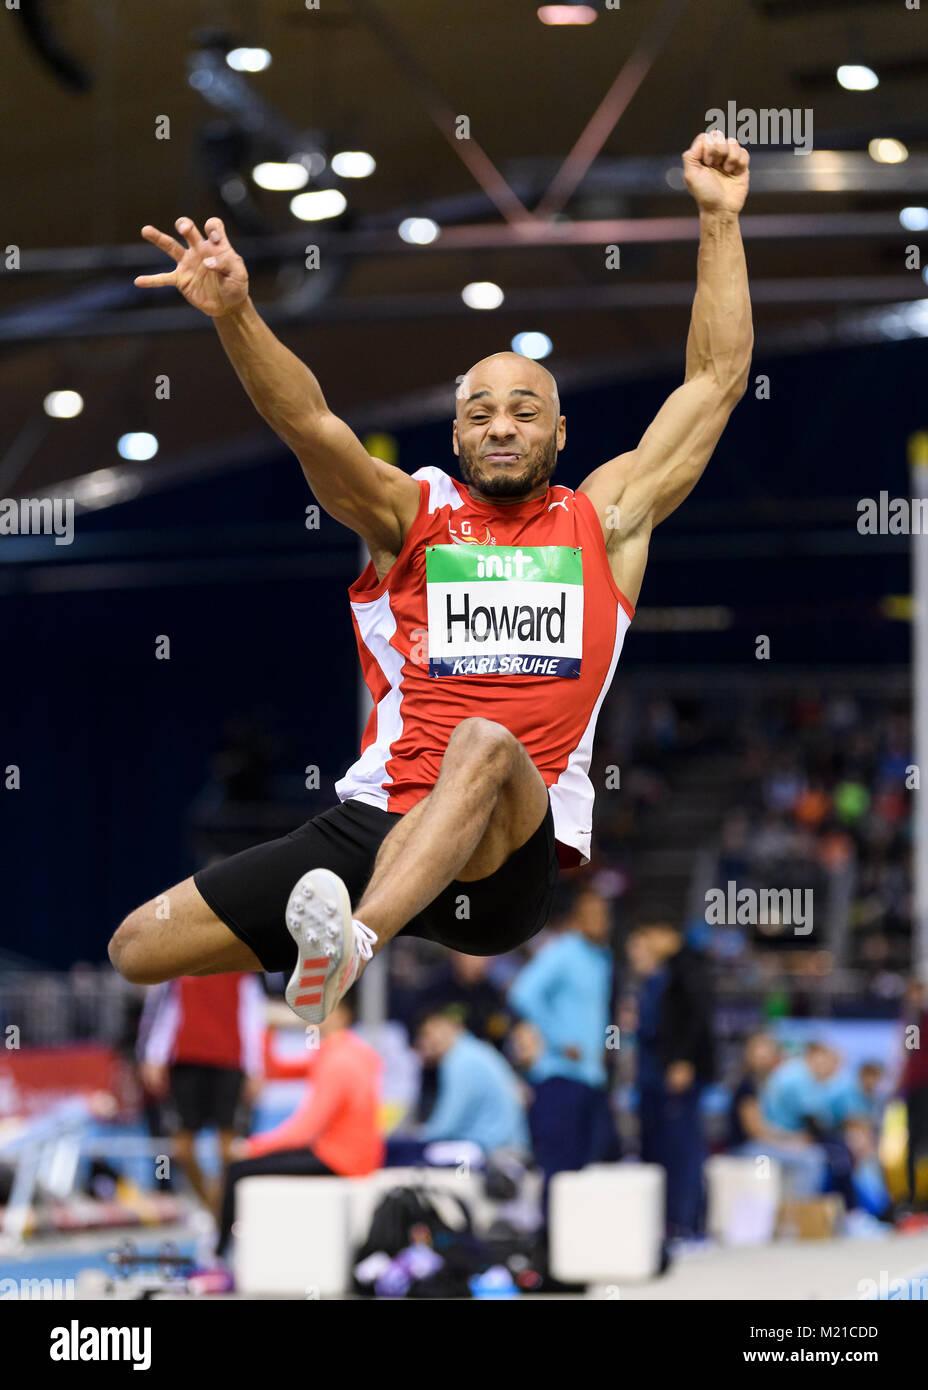 Karlsruhe, Deutschland. 03rd Feb, 2018. Weitsprung Maenner: Julian Howard (LG Region Karlsruhe). GES/ Leichtathletik/ - Stock Image